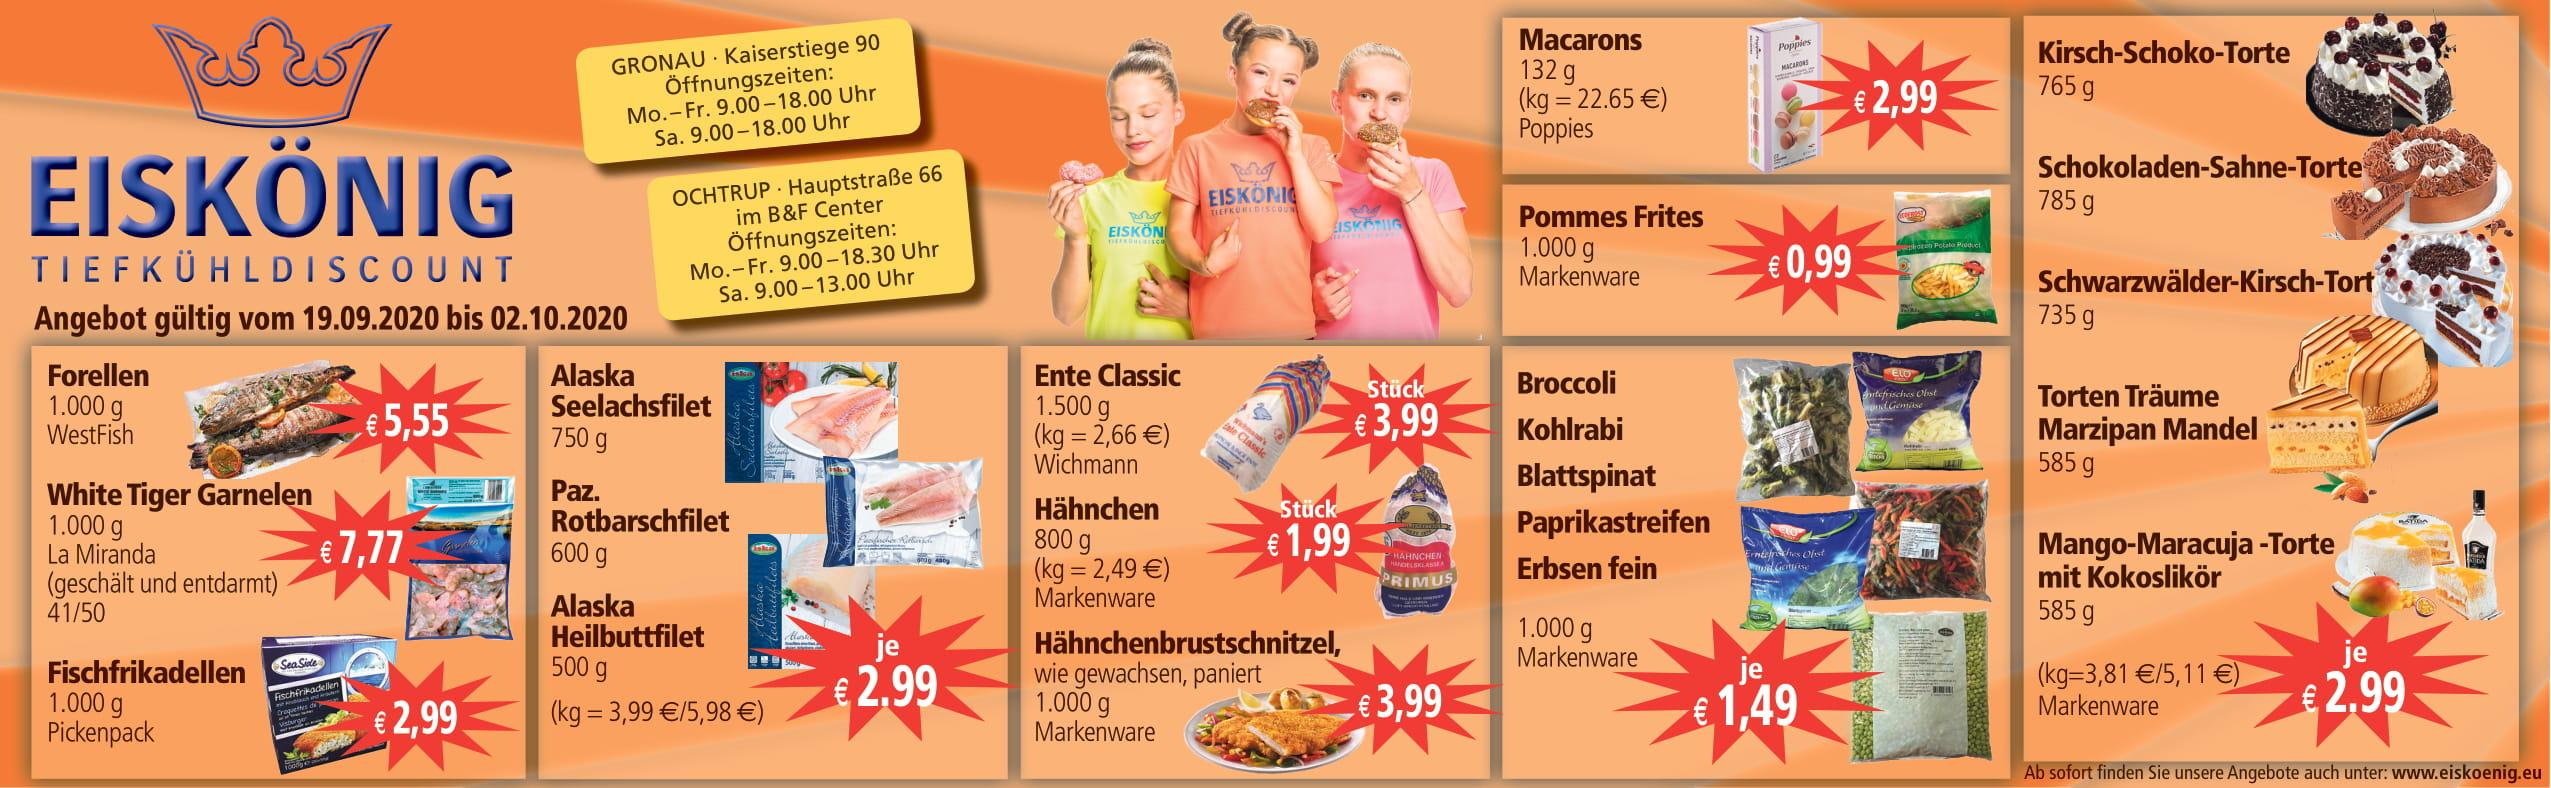 Angebote Eiskönig Gronau und Ochtrup